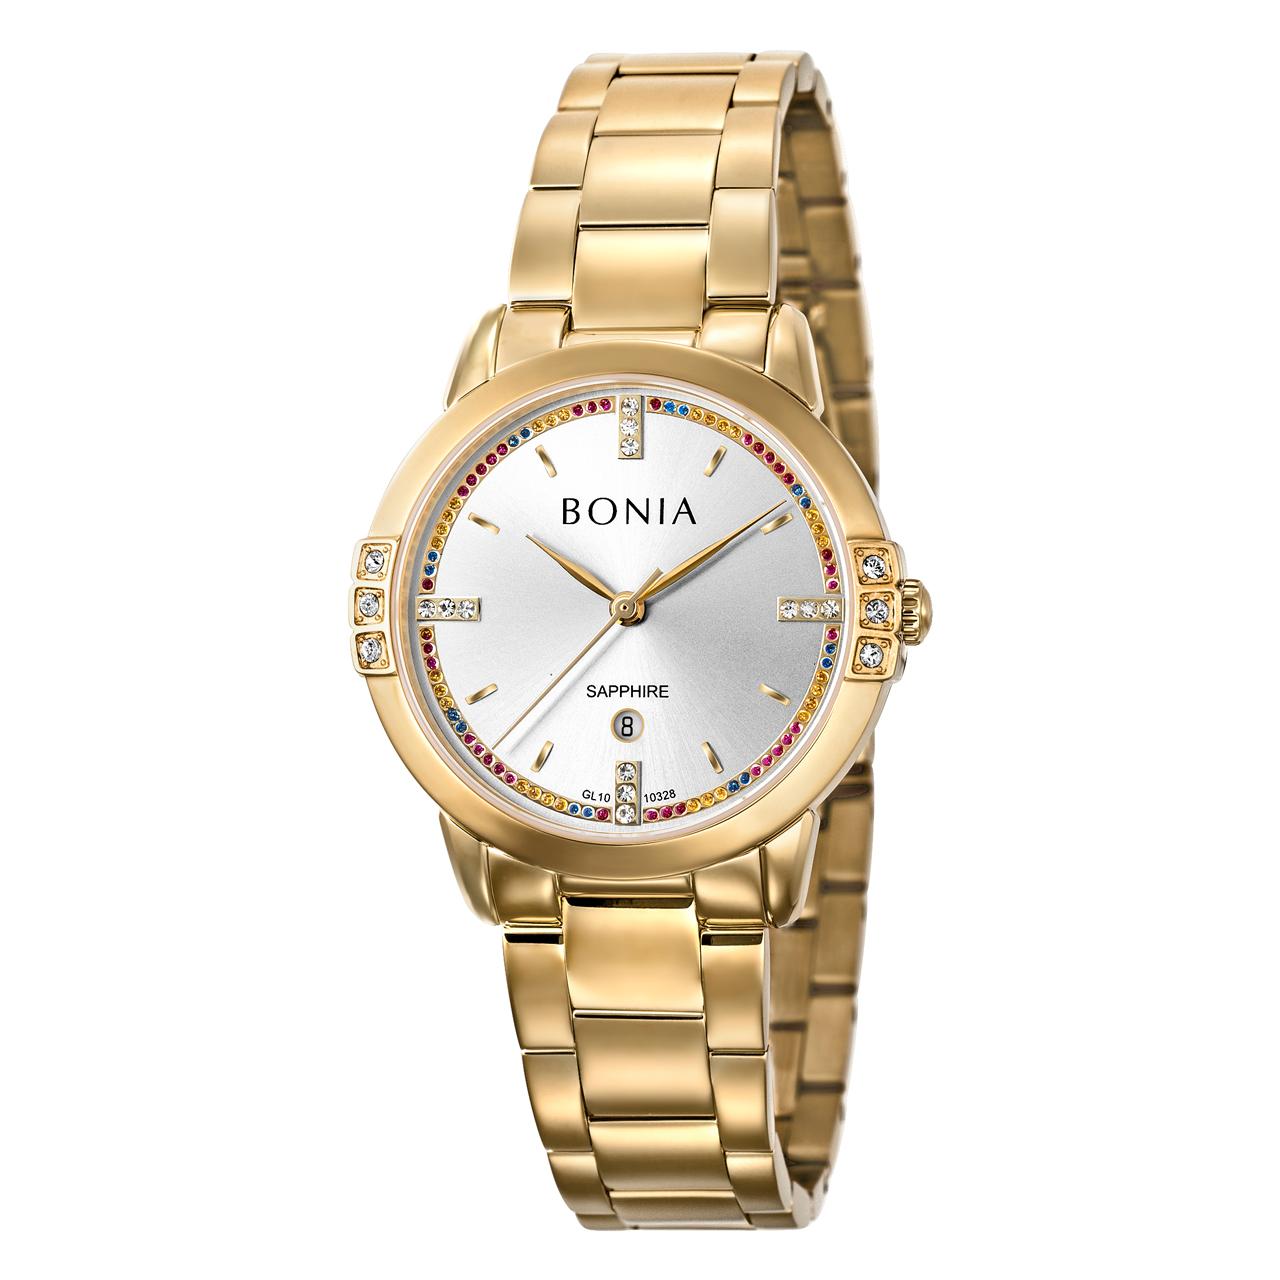 ساعت  زنانه بونیا کد BNB10328-2217S